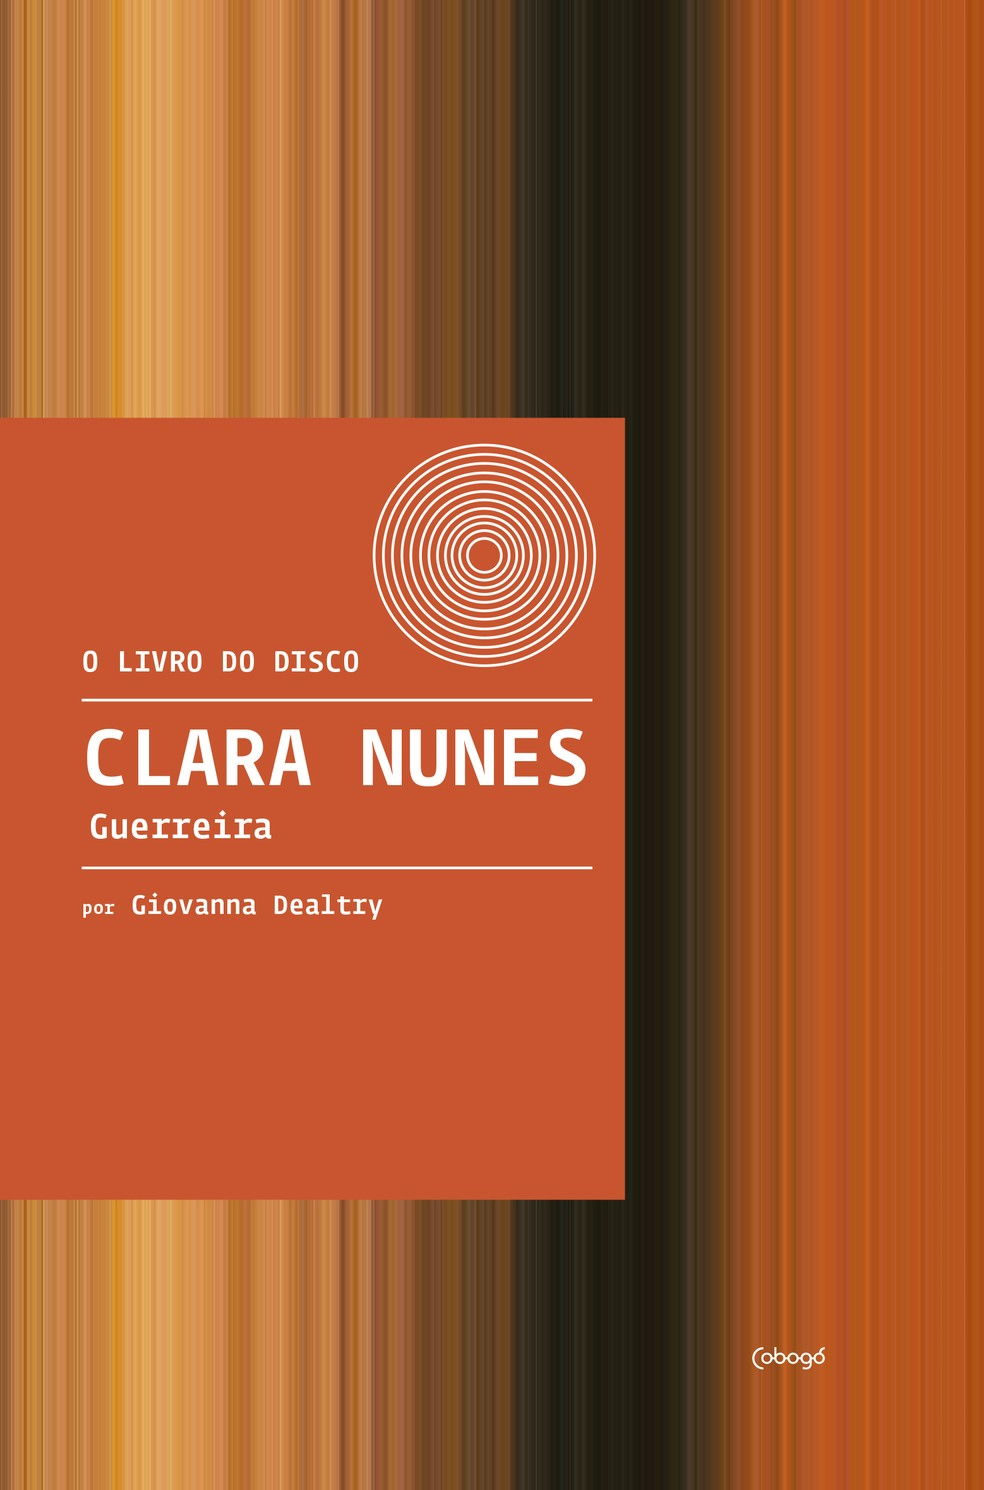 Capa do livro 'Clara Nunes – Guerreira' — Foto: Divulgação / Editora Cobogó